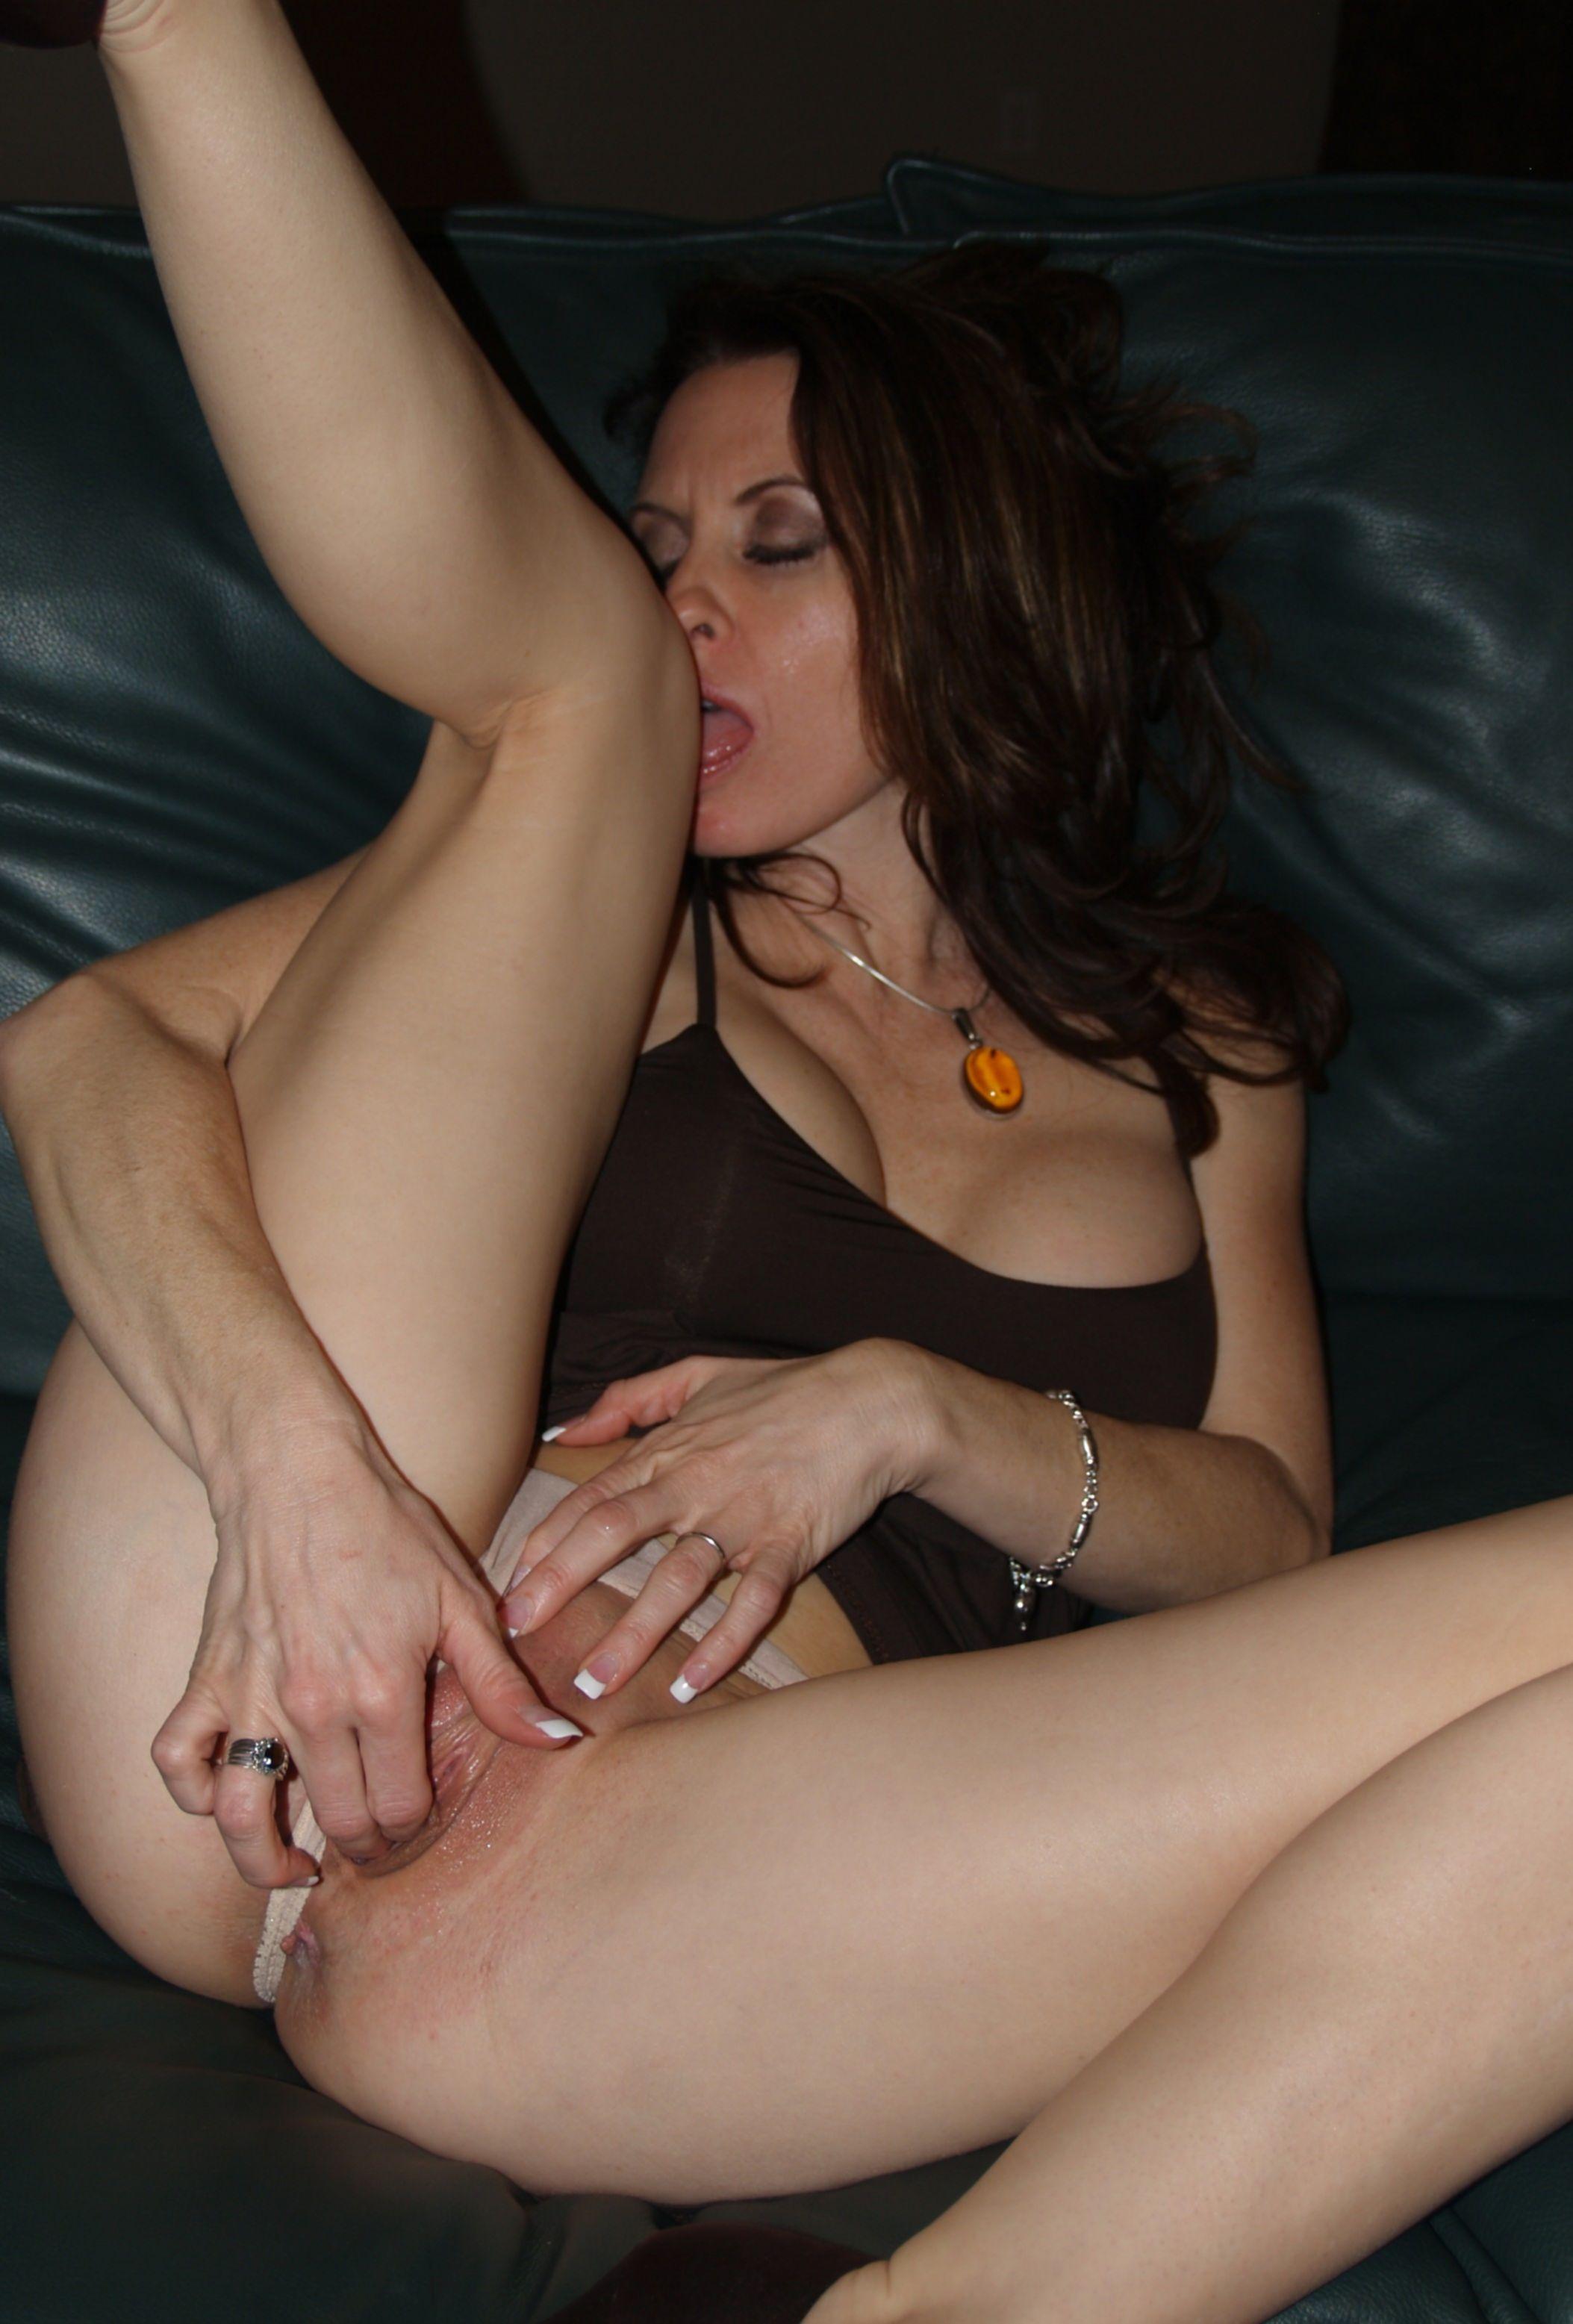 Подборка голых пилоток красивых особ - секс порно фото